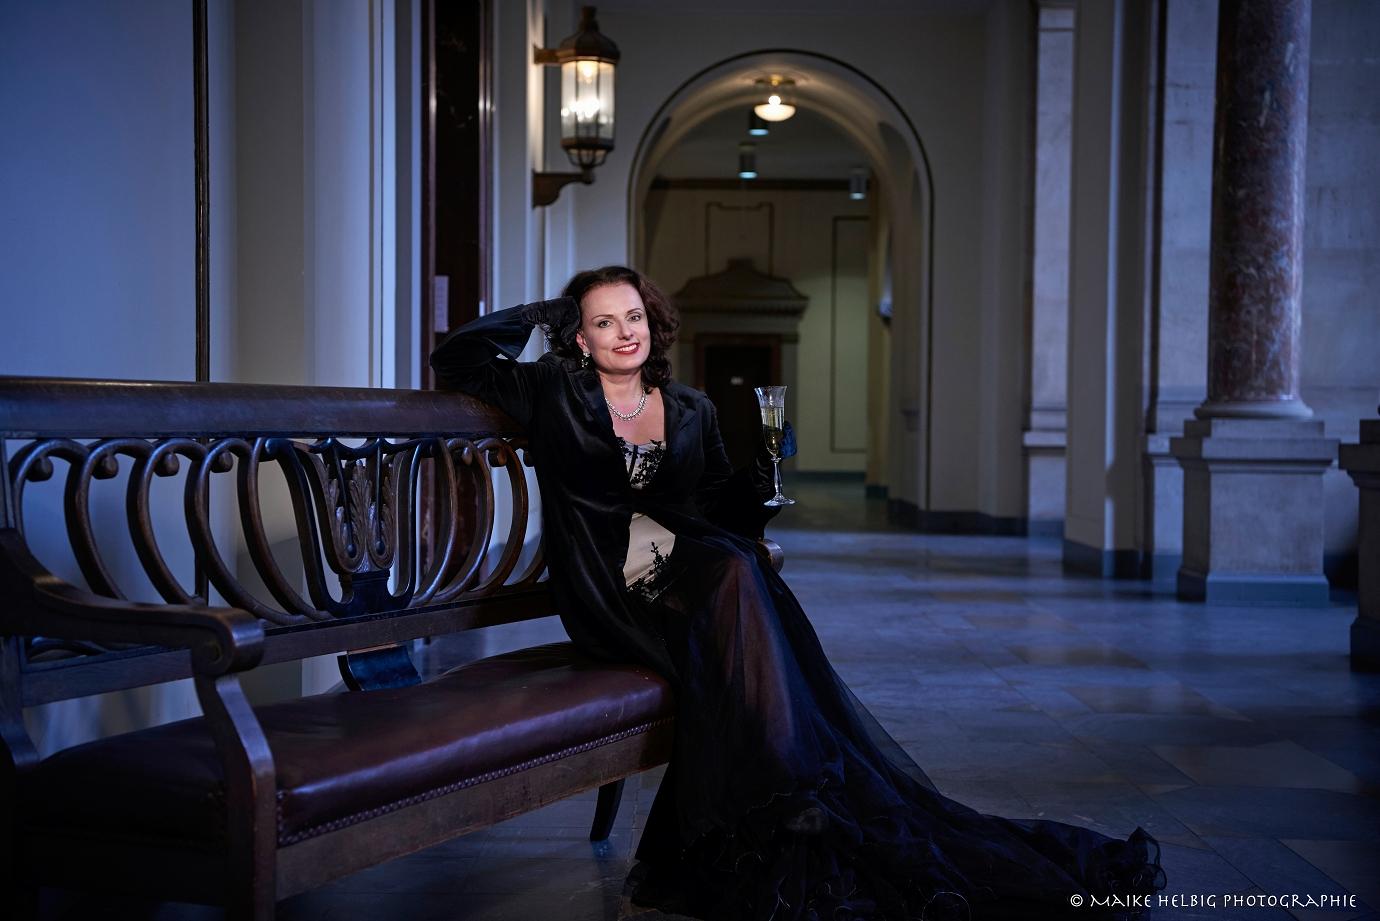 Hochzeitsfeier Katrin iltgen Hannover Musical-Swing-Pop-Klassik-Chanson